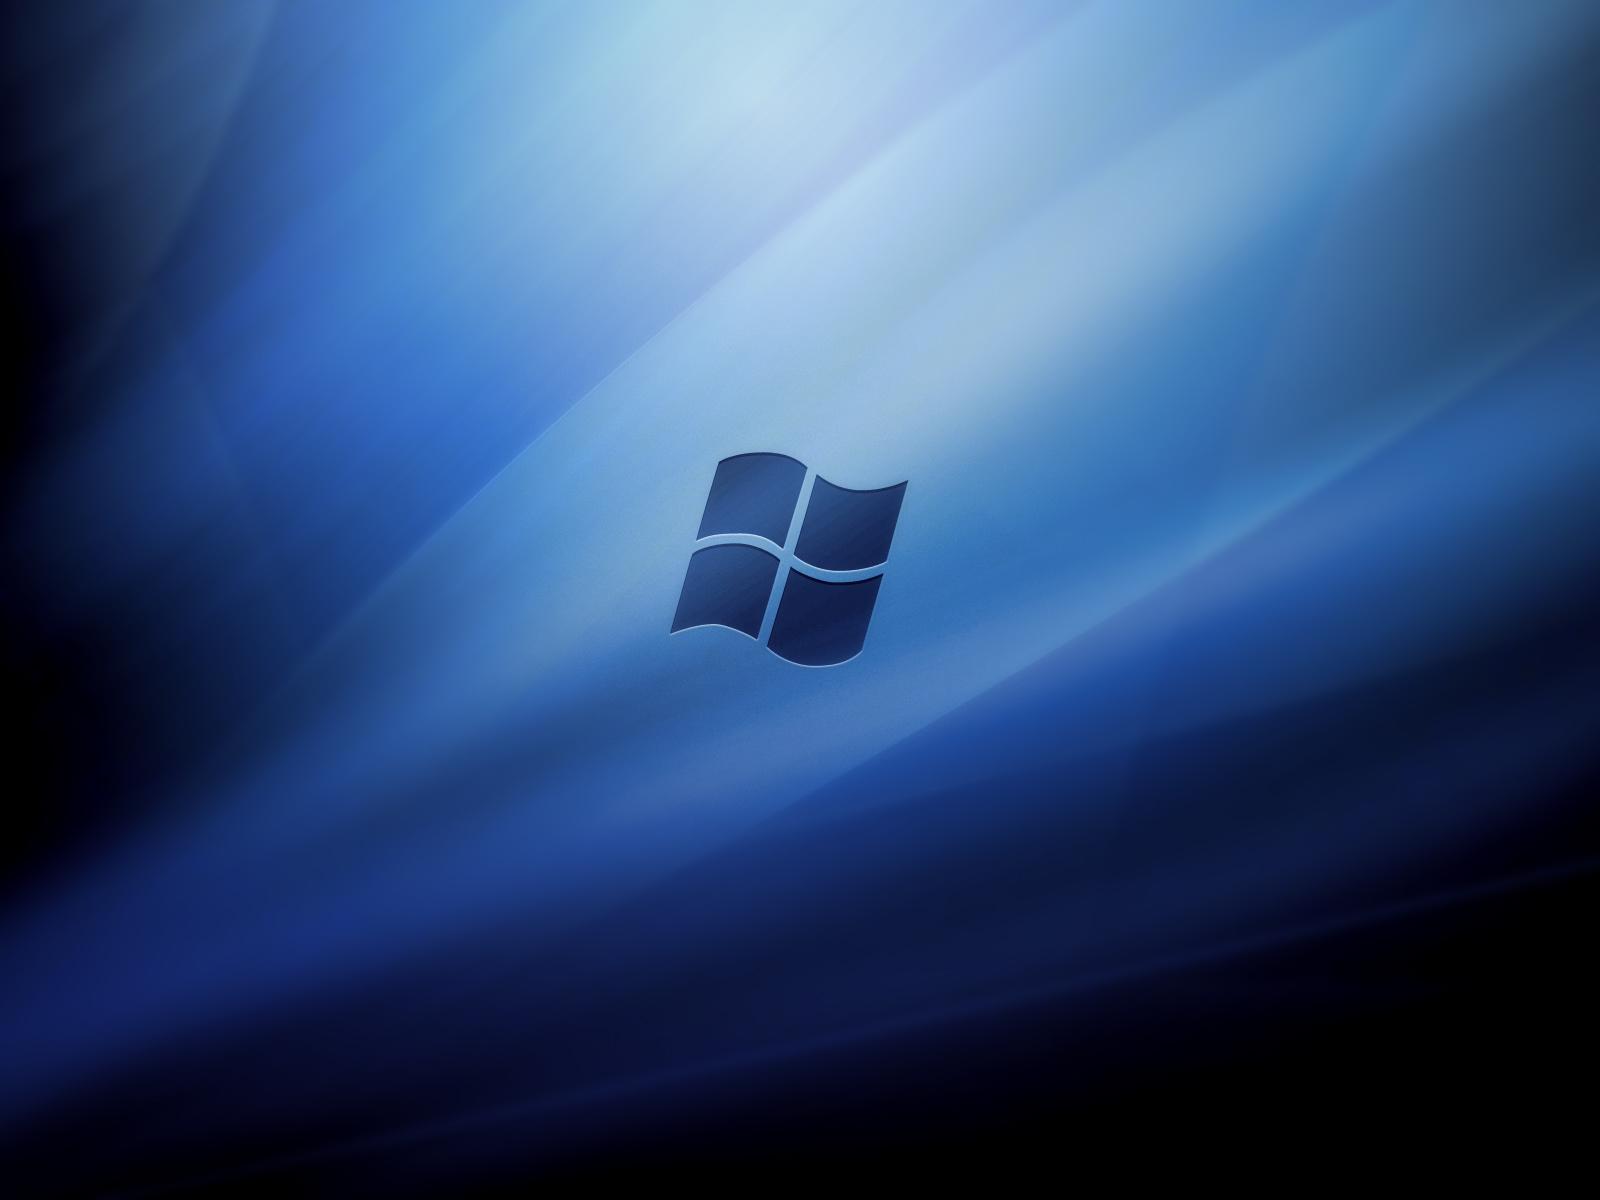 https://2.bp.blogspot.com/-D-fatQxet_U/TfyJTZuyz7I/AAAAAAAAABg/MdEia7PG2eI/s1600/windows-8-hd-wallpaper4.jpg